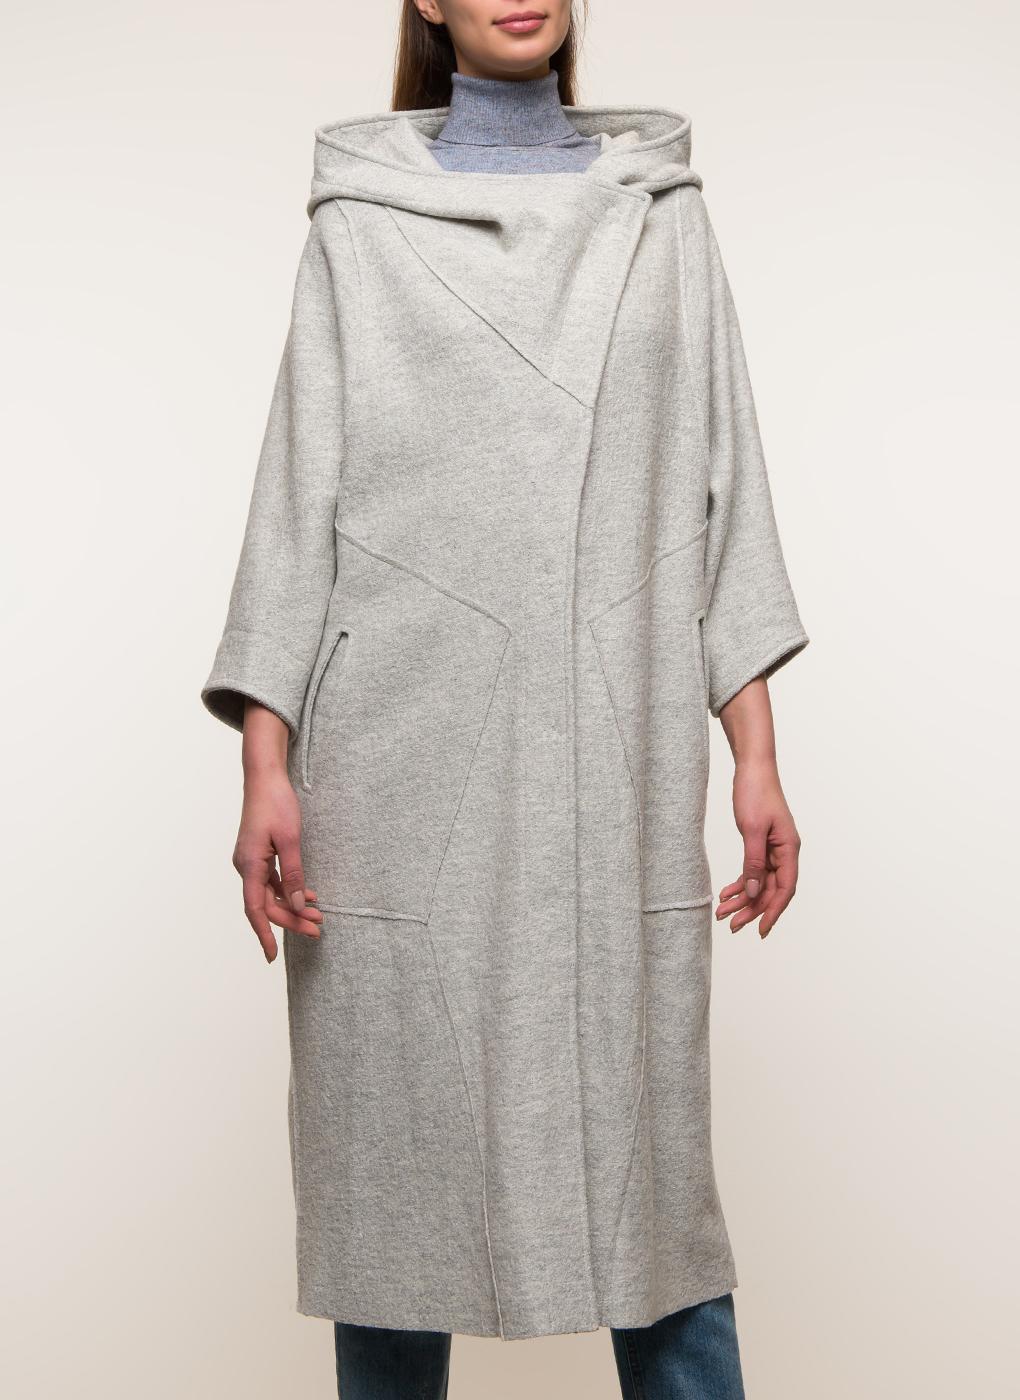 Пальто кокон шерстяное 01, Crosario фото